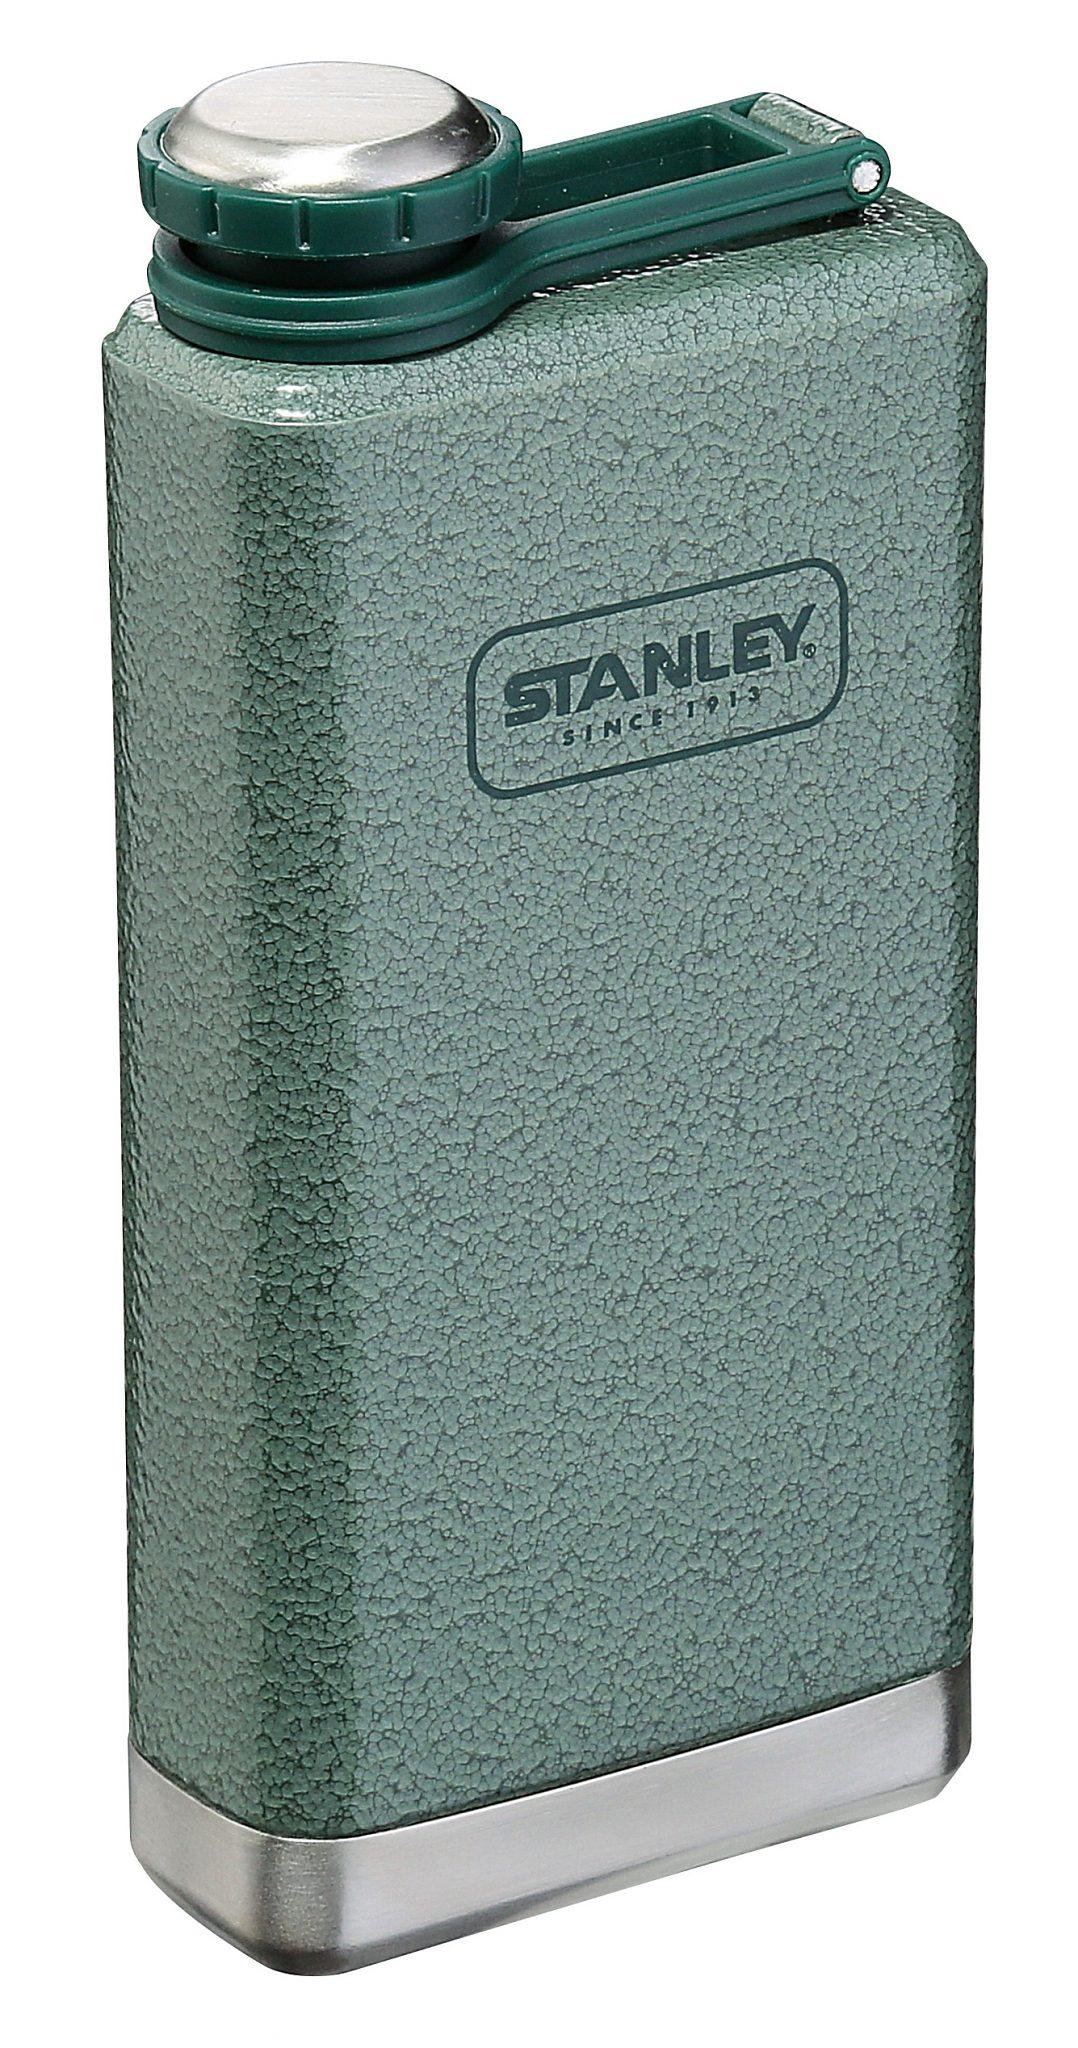 Stanley Trinkflasche »Adventure Taschenflasche 236ml«